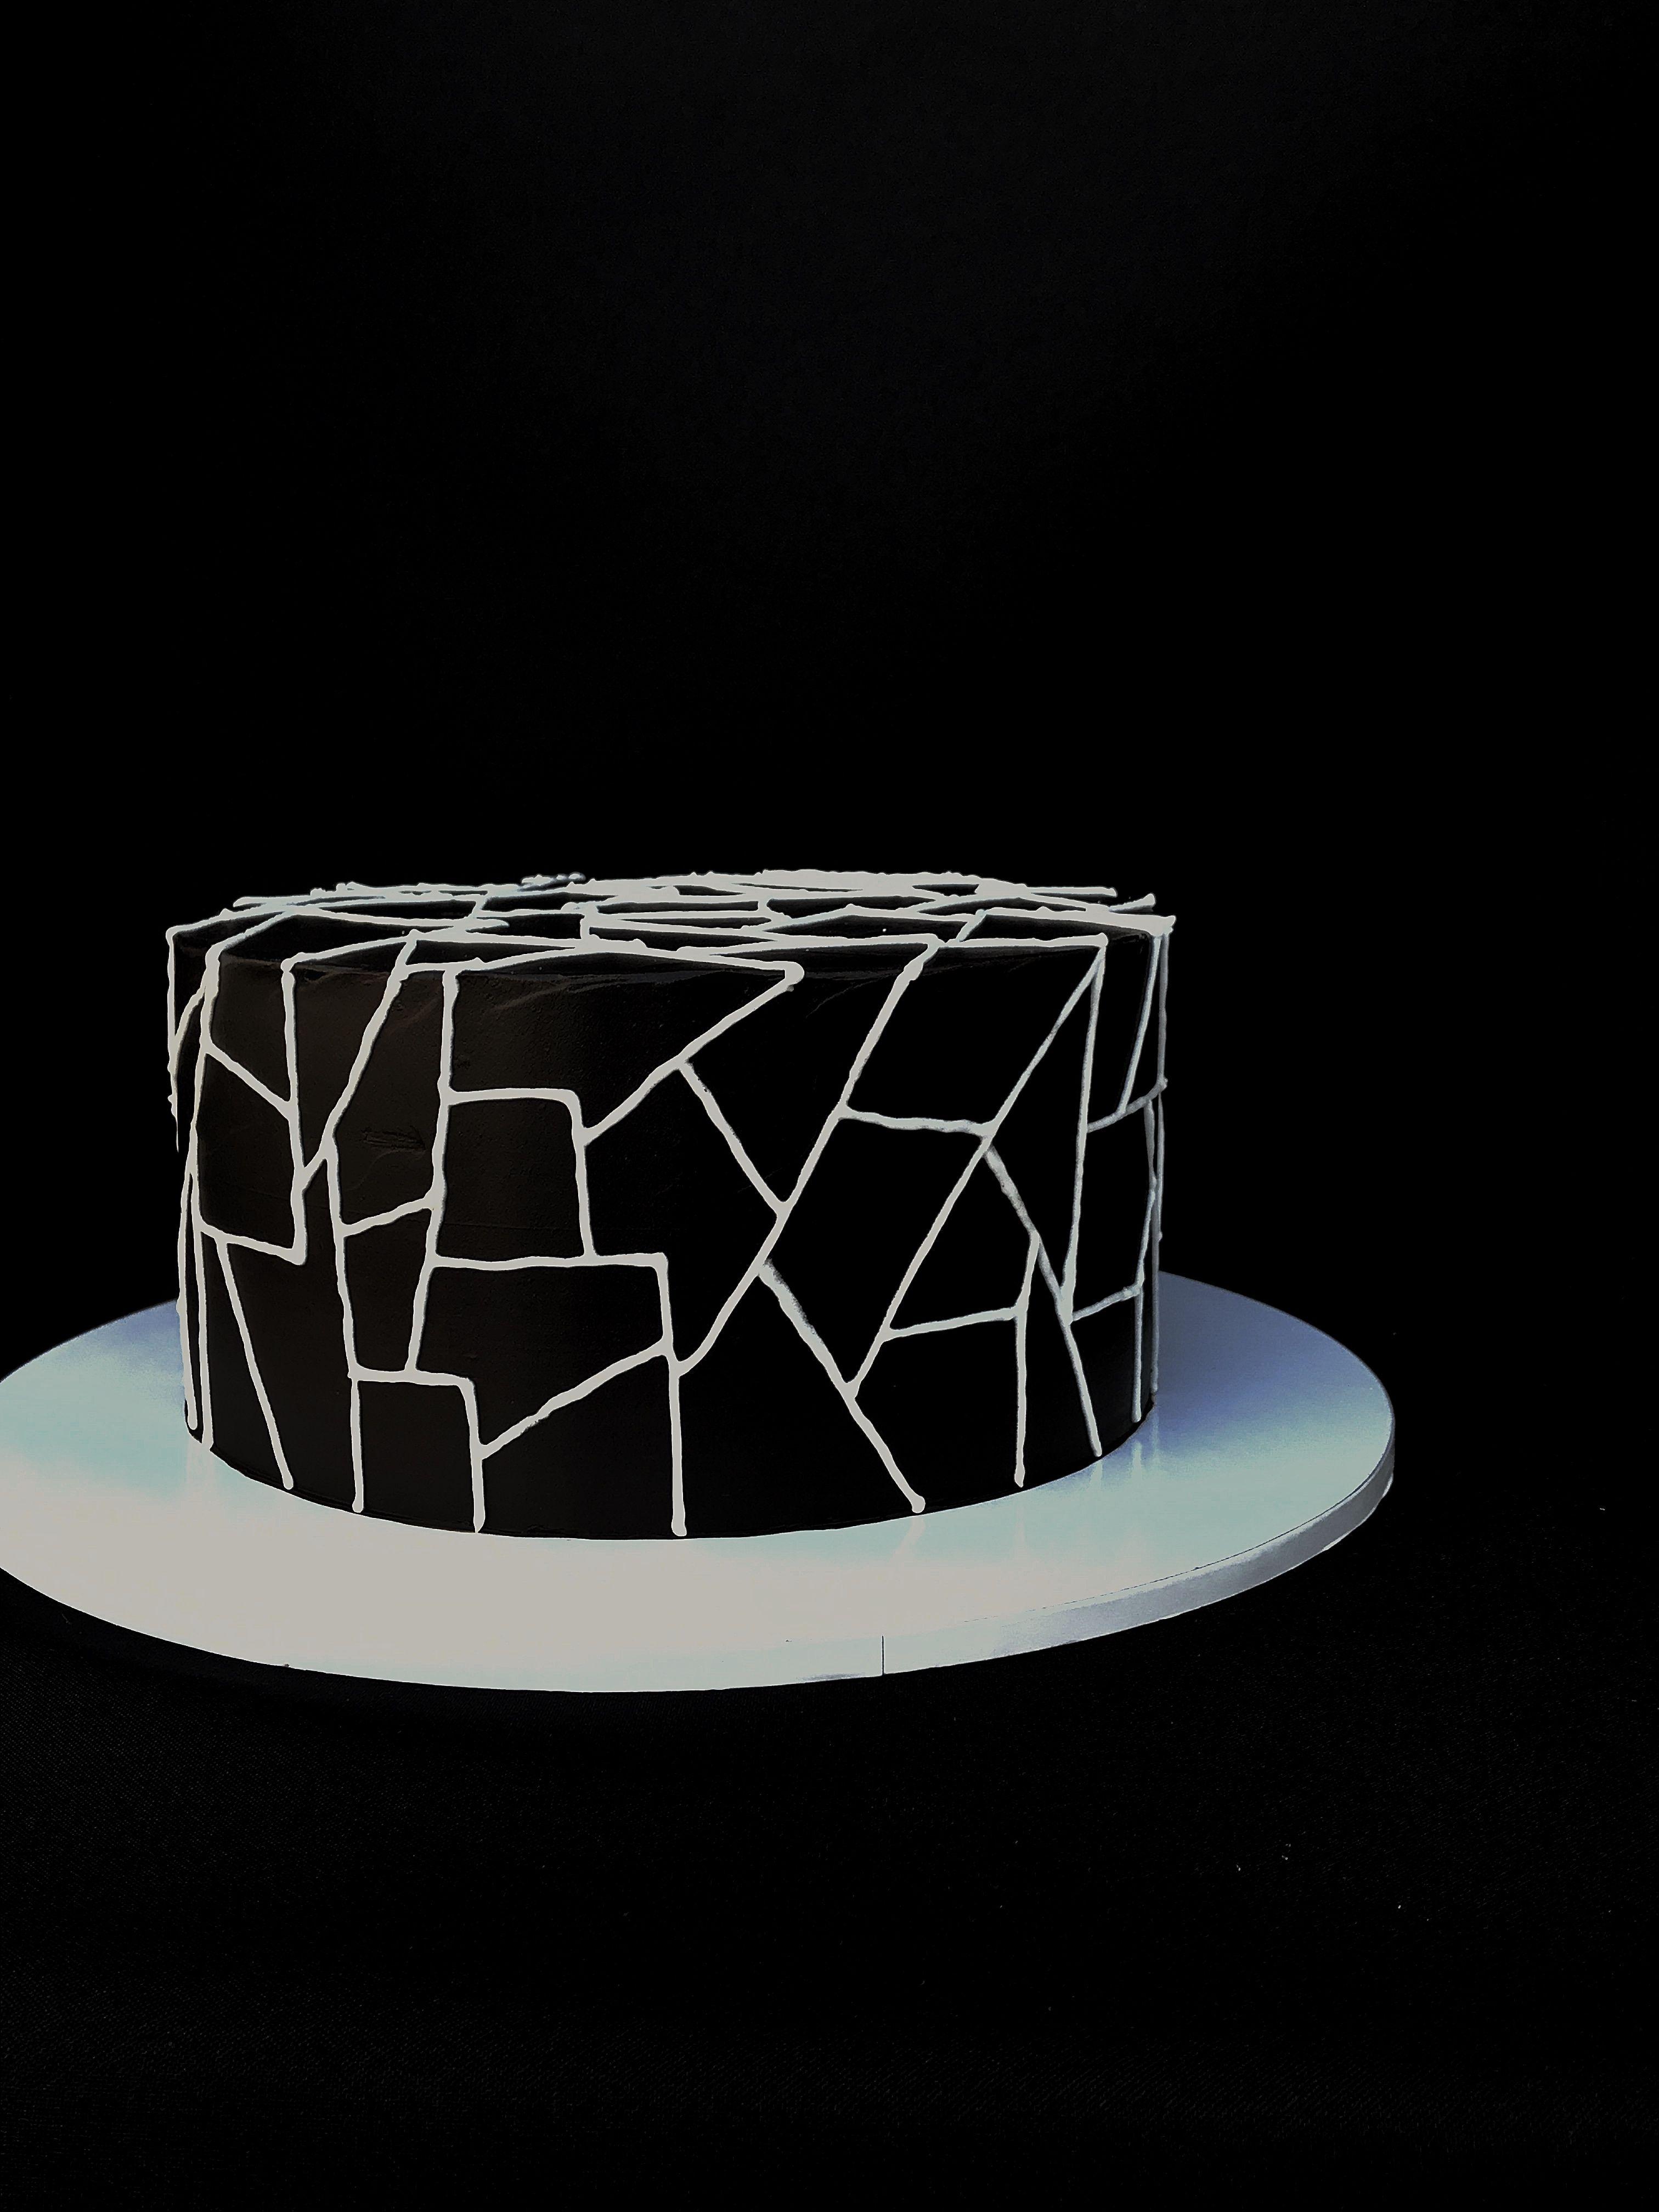 Внутри шоко бисквиты, очень насыщенные, влажные.... Вишневое конфи.... хрустяшка на шоколадной основе с фундуком...✨✨✨ #мастерскаядомашнихлакомств #оксанабарчева #тортабстракция #черныйторт #чернобелыйторт #шоколадныйторт #тортмелитополь #cake #cakes #cakeart #cakeinspiration #cakepops #cakeinspiration #cakegridtr #caketopper #cakestagram #cakegridtr #cakesmash #cakeporn #cakesmash #food #foodporn #foodfoto #foodiegram #foodphotography #foodblogger #melitopol #cakezpua